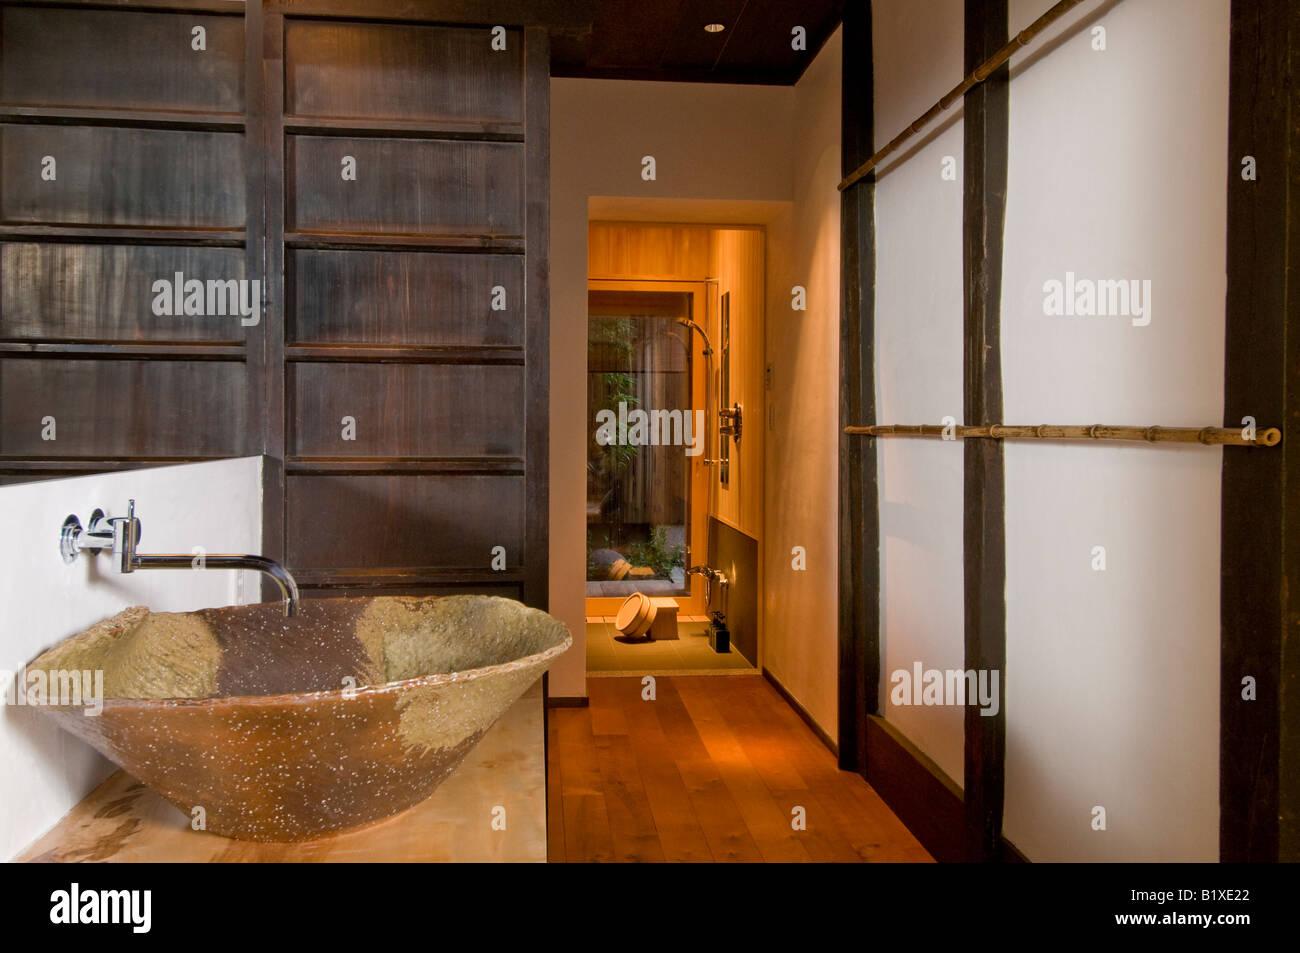 Giappone arredamento bagno lavandino in ceramica e legno porta